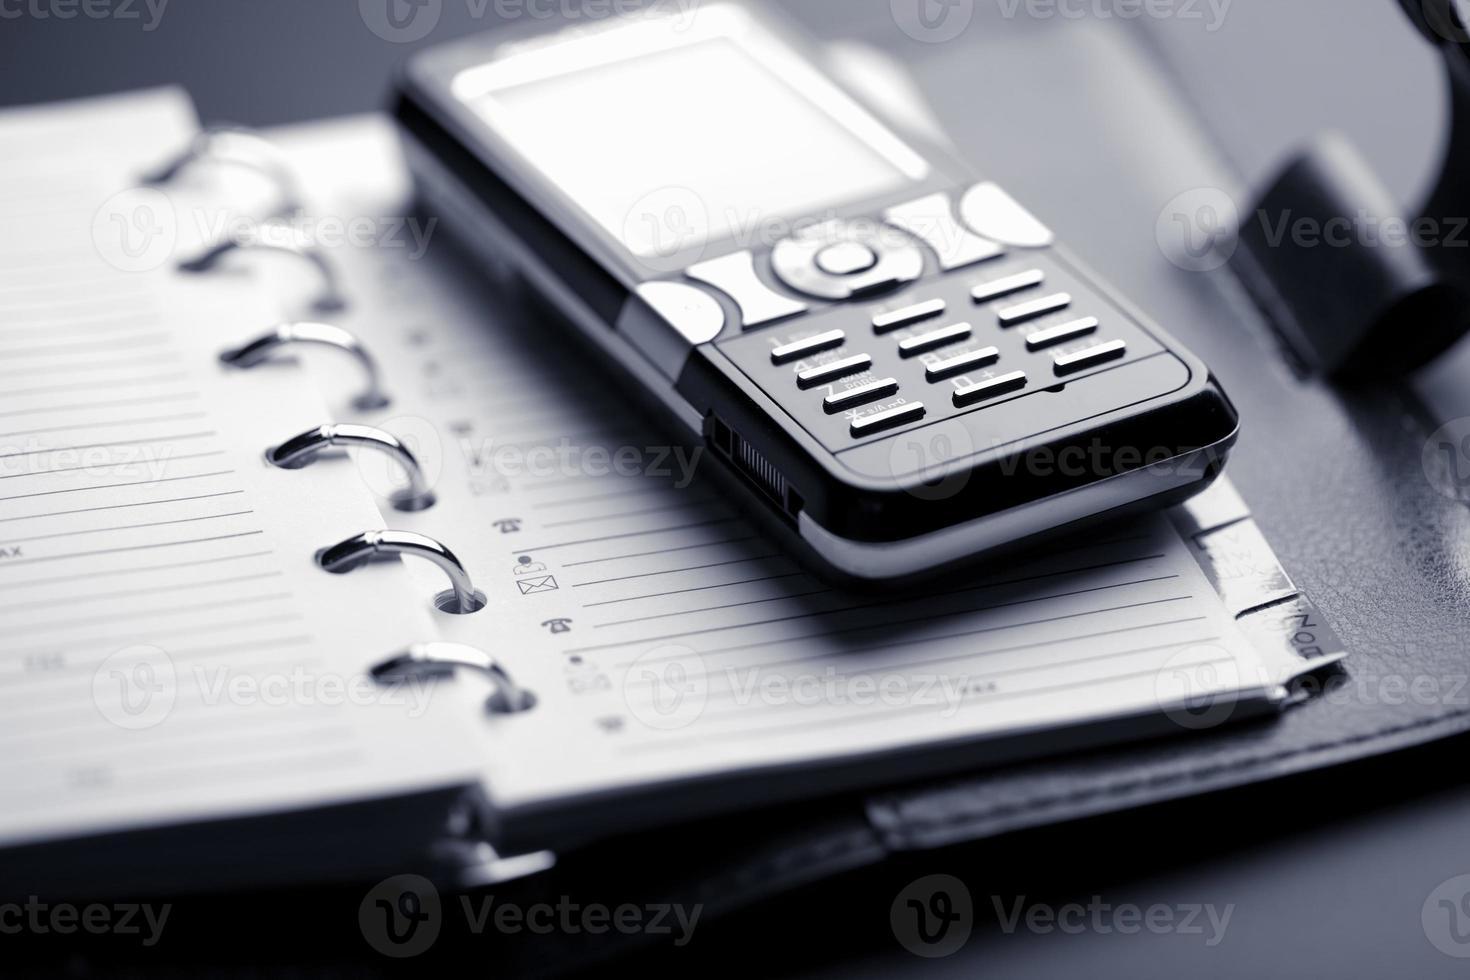 organizador e celular foto